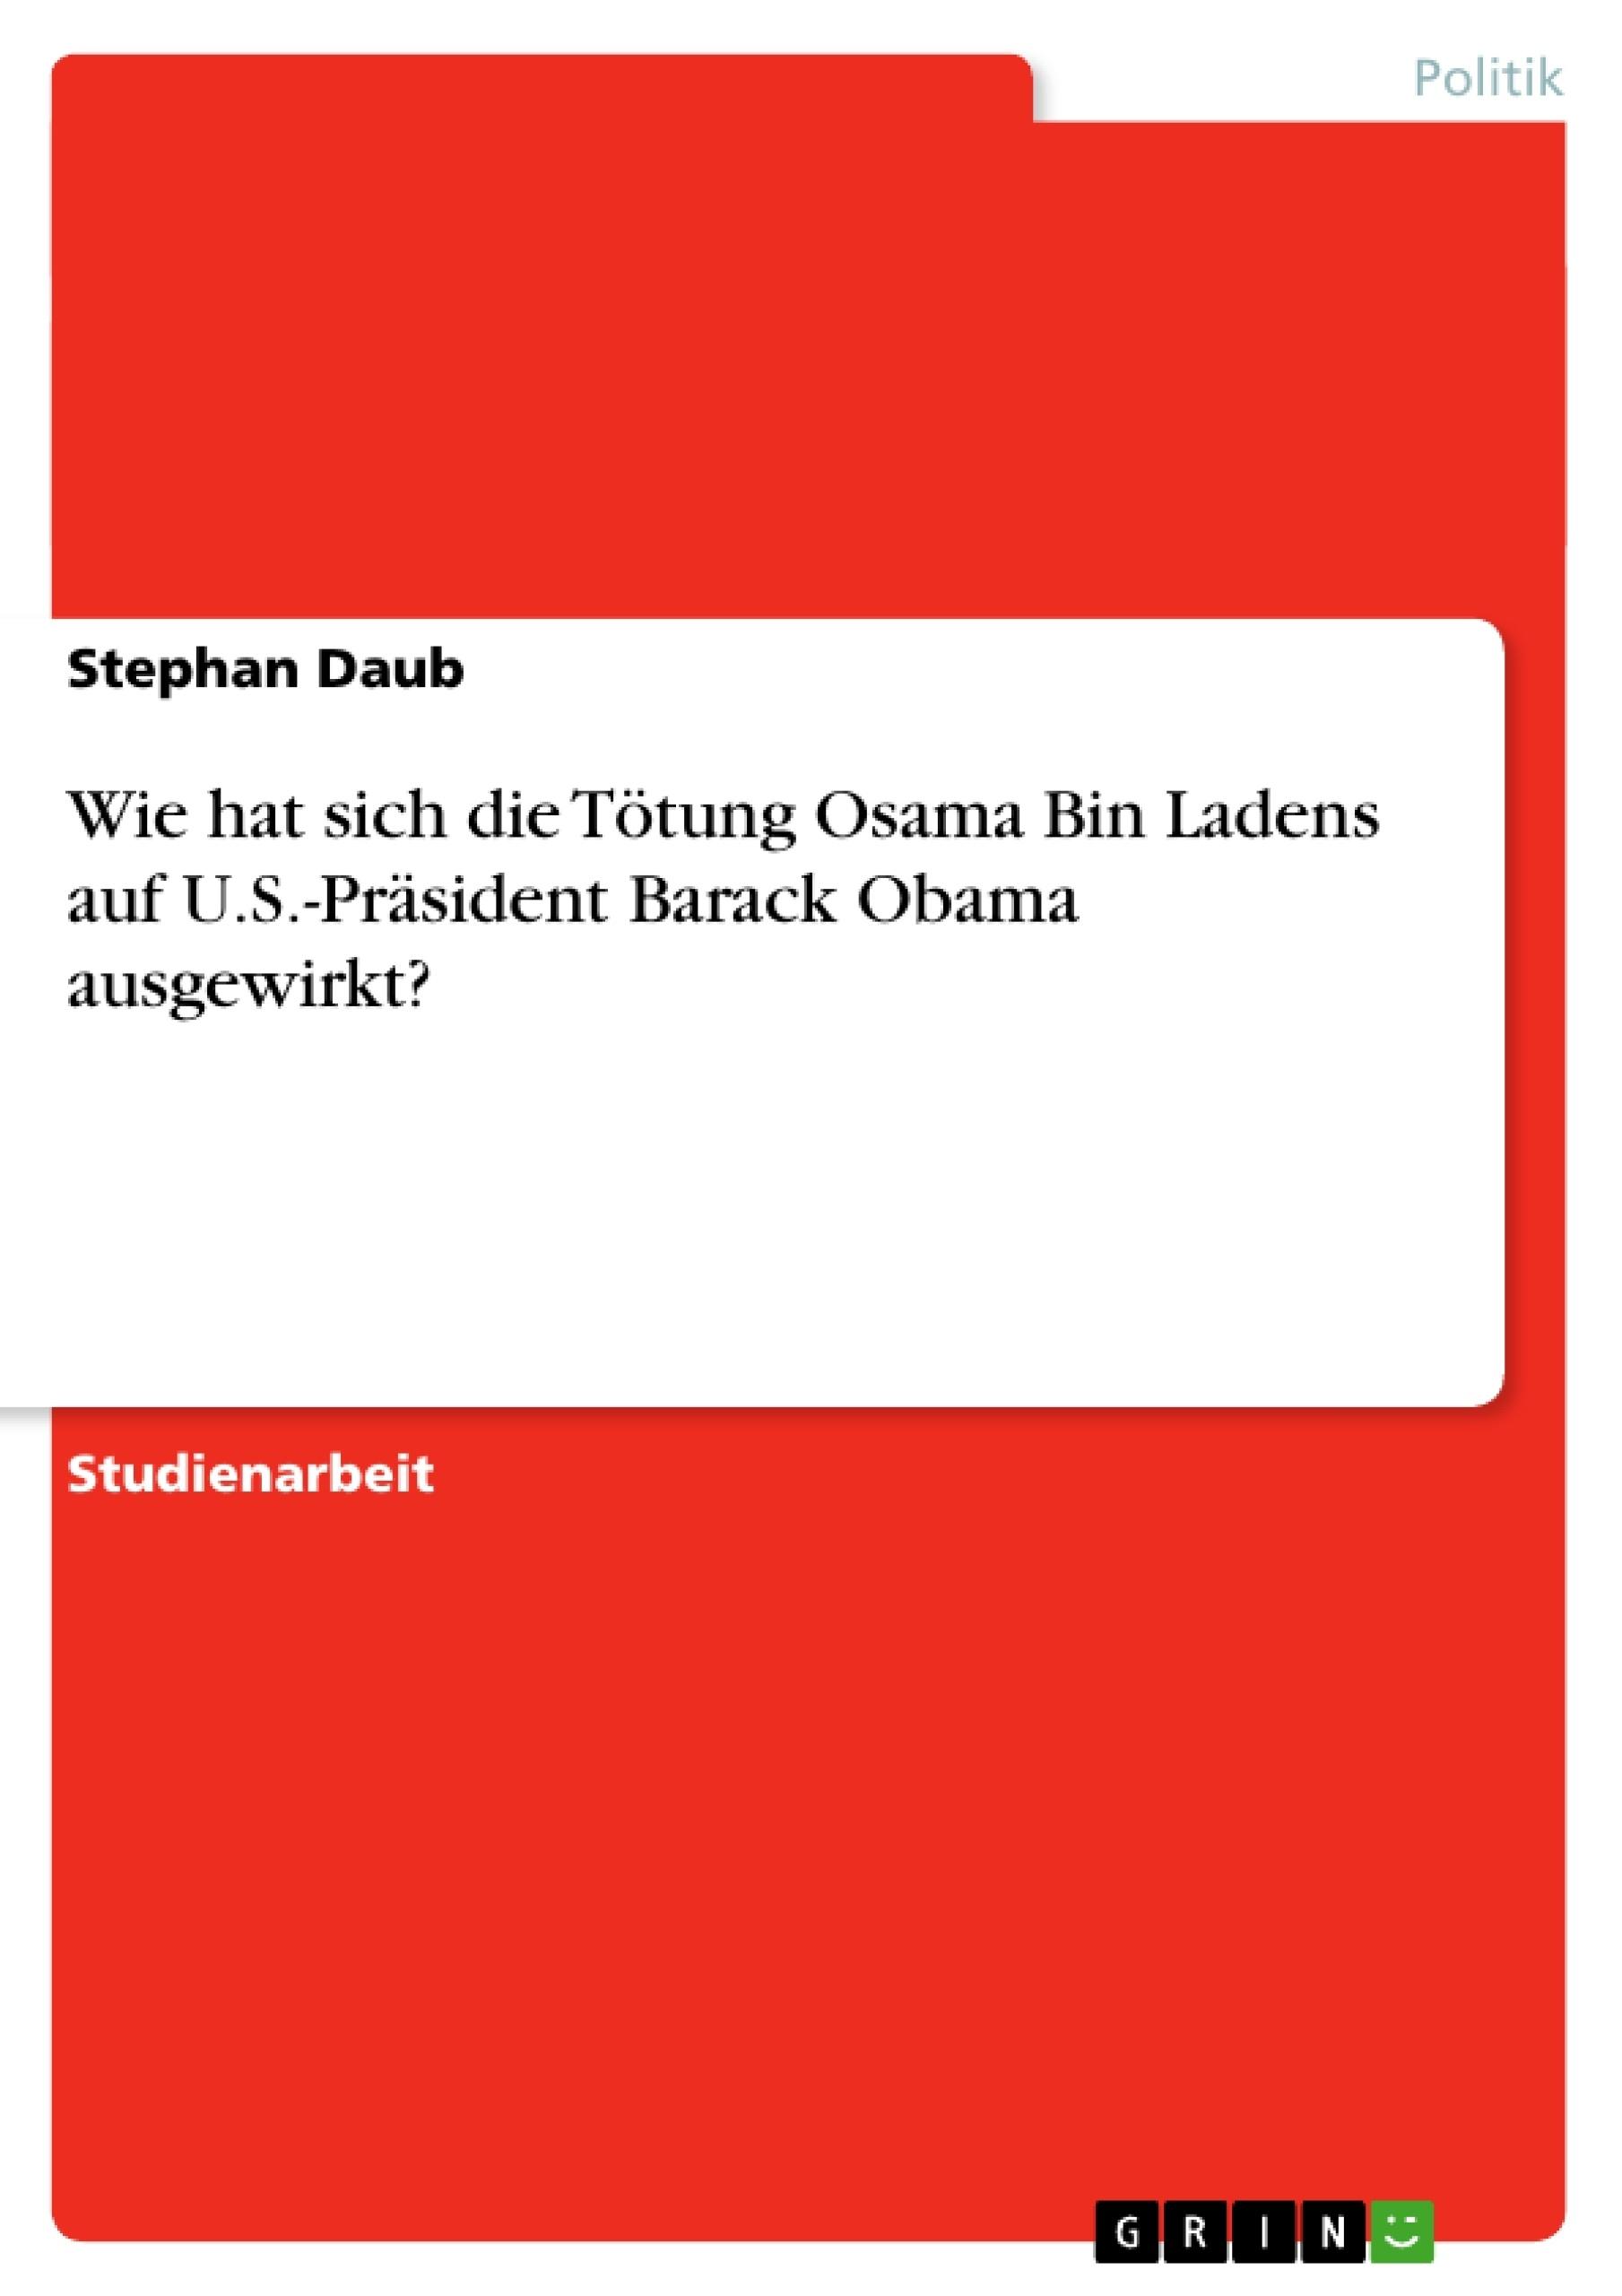 Titel: Wie hat sich die Tötung Osama Bin Ladens auf U.S.-Präsident Barack Obama ausgewirkt?